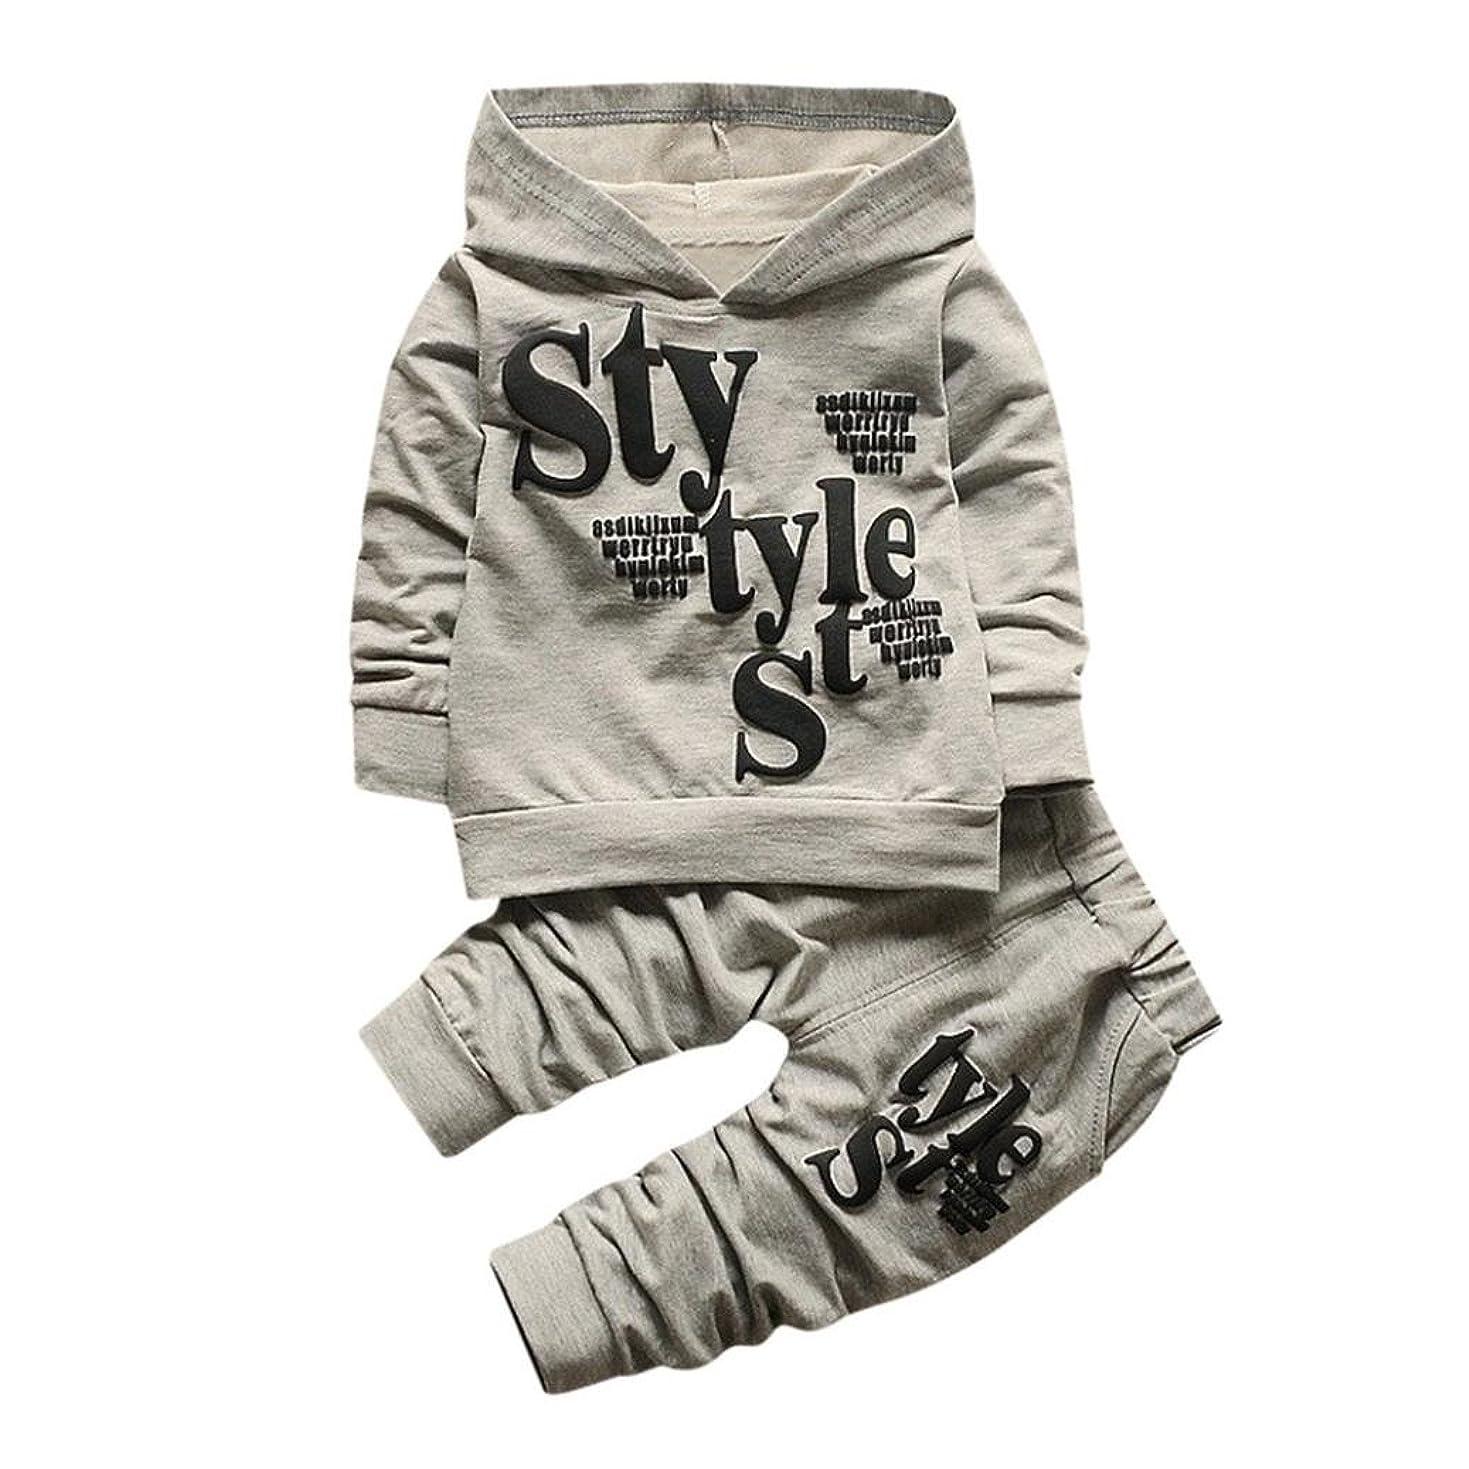 犯すラインナップ低いパーカー+ズボン Tシャツ スウェット 子供服 赤ちゃん服 上着+パンツ2点セット かっこいい ベビー服 ロンパース カバーオール 男の子 女の子 ファッション